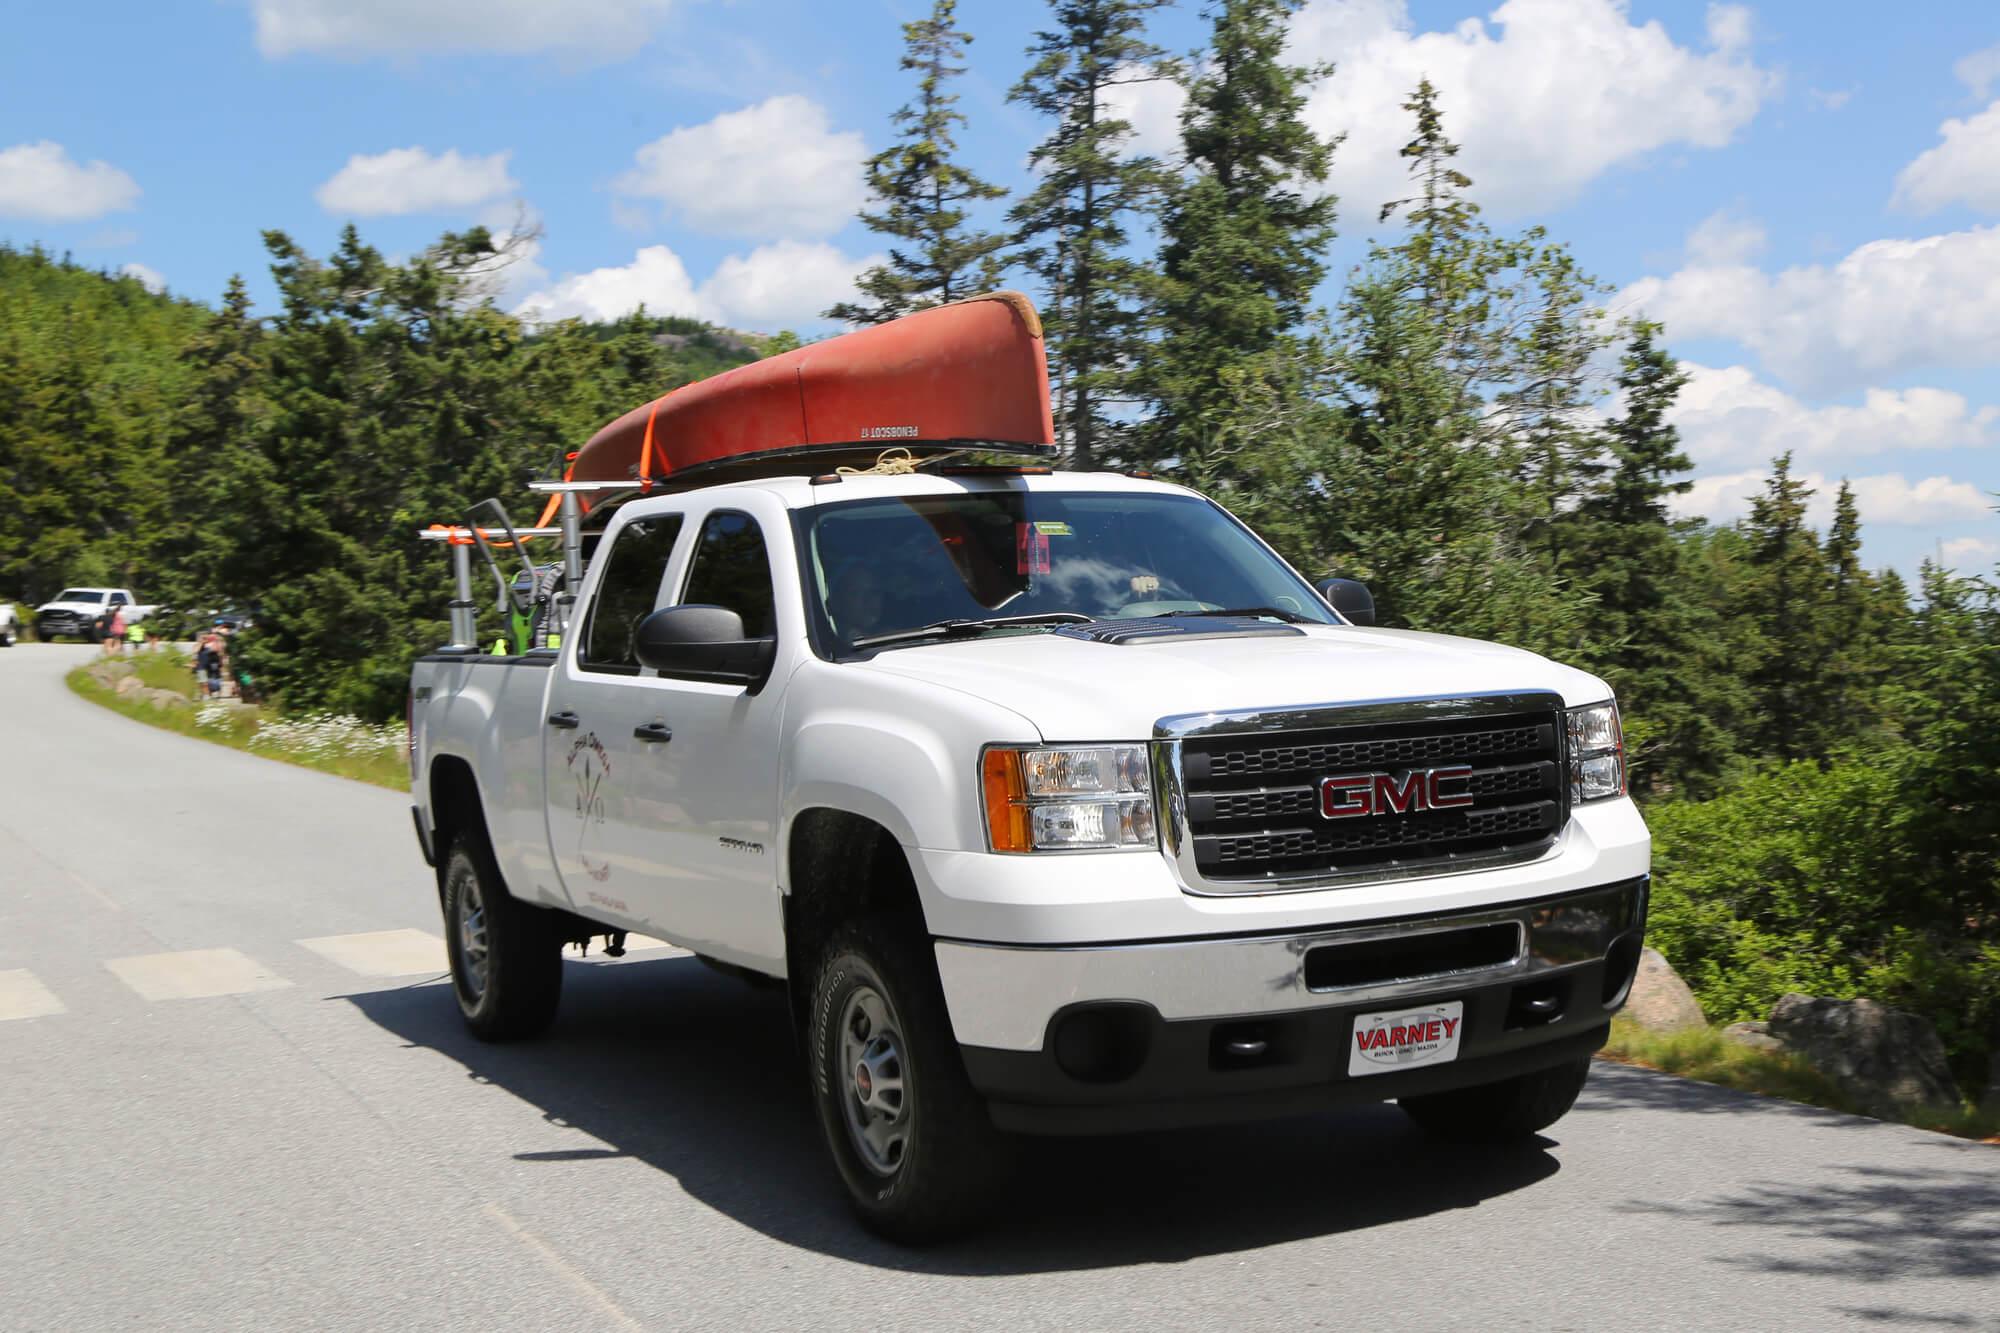 Best Kayak Racks For Trucks The Buyer S Guide 2019